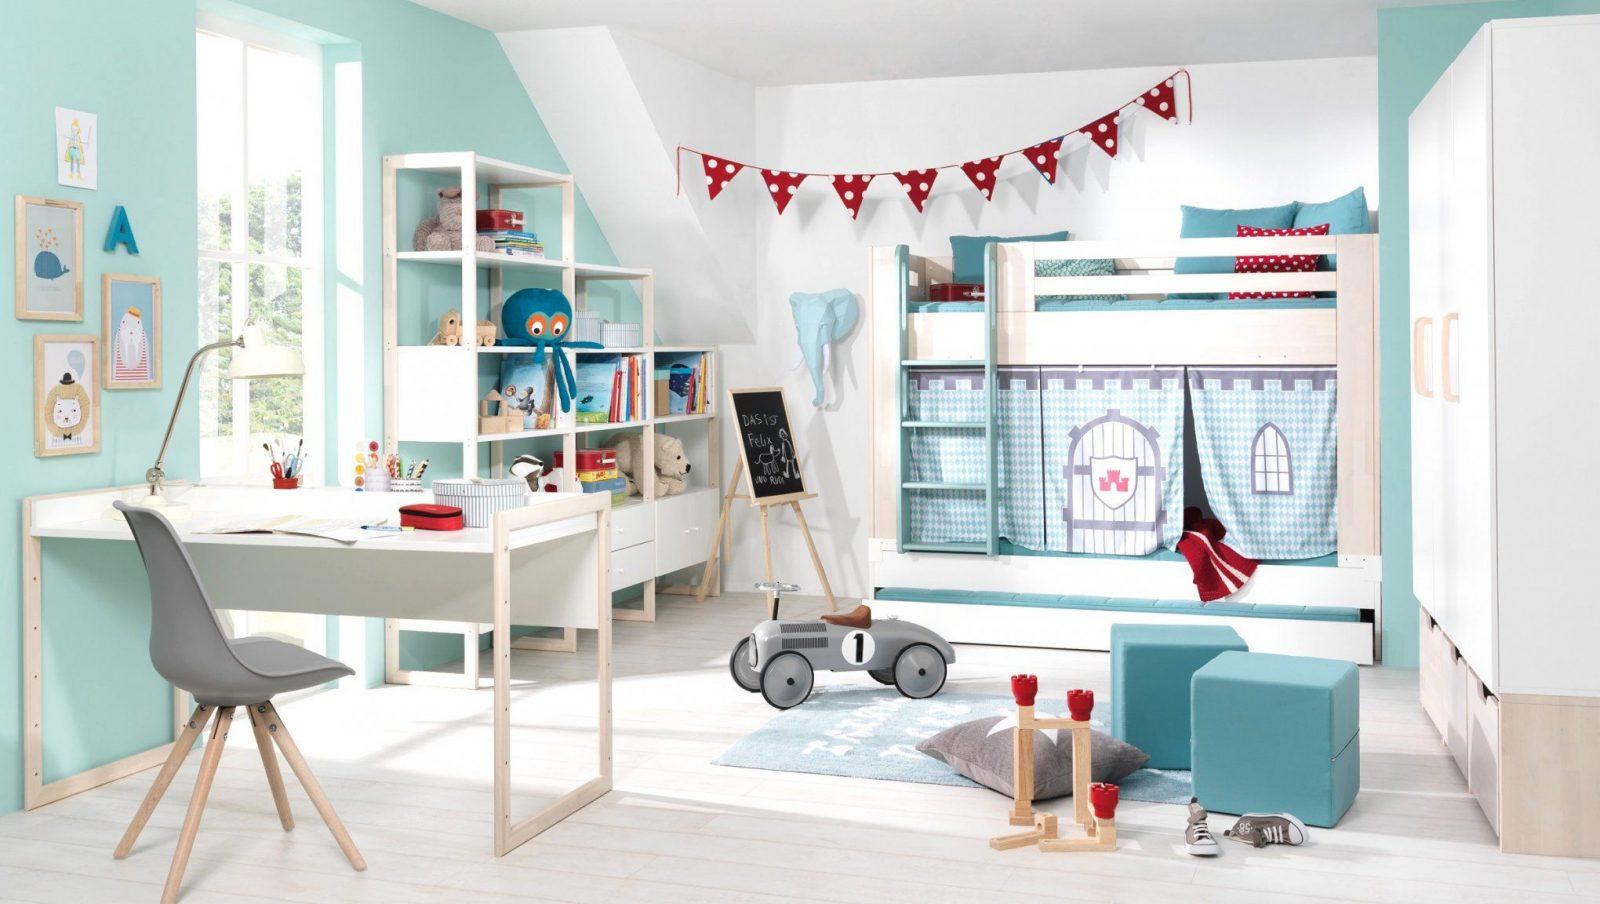 Wunderbare Ideen Jungen Kinderzimmer Und Schöne Gestalten Junge von Schöne Kinderzimmer Für Jungen Photo